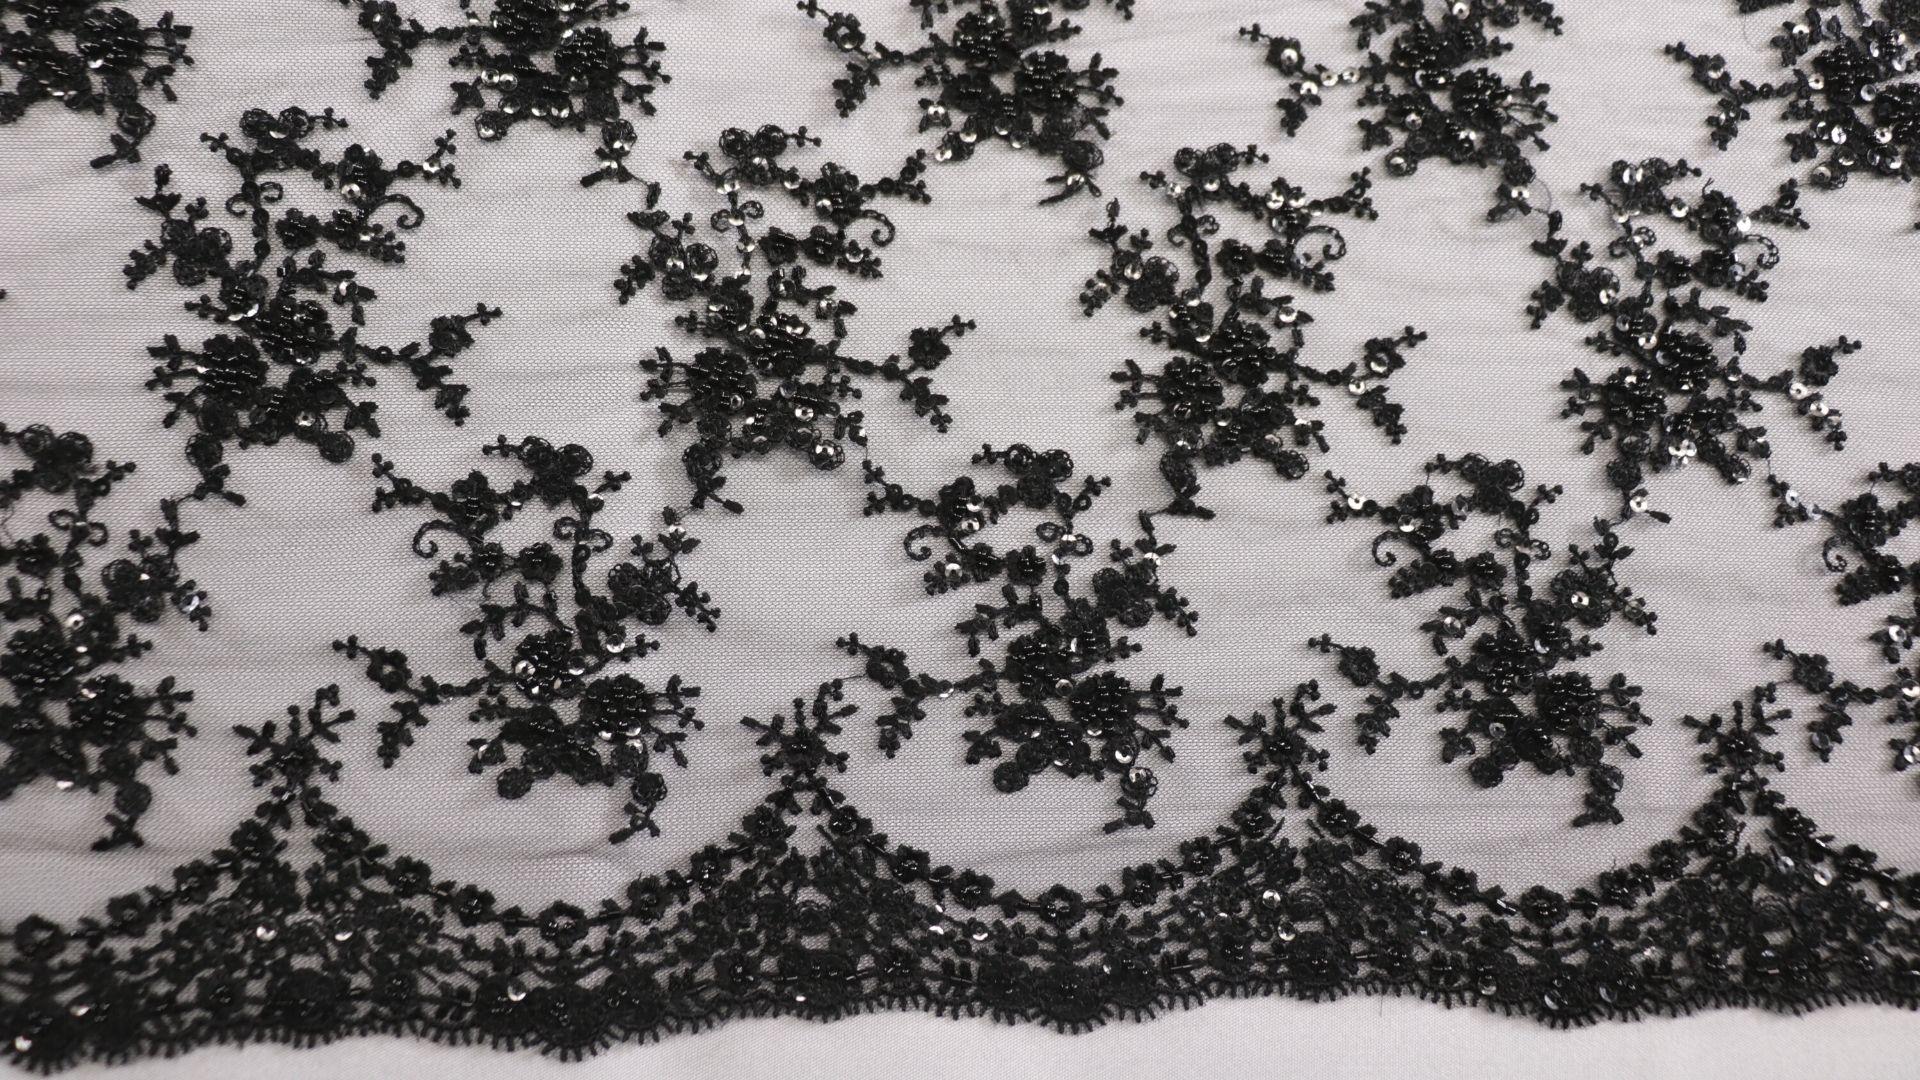 il particolare del tessuto lv8507, appartenente alla categoria ricami da sposa, di Leadford & Logan